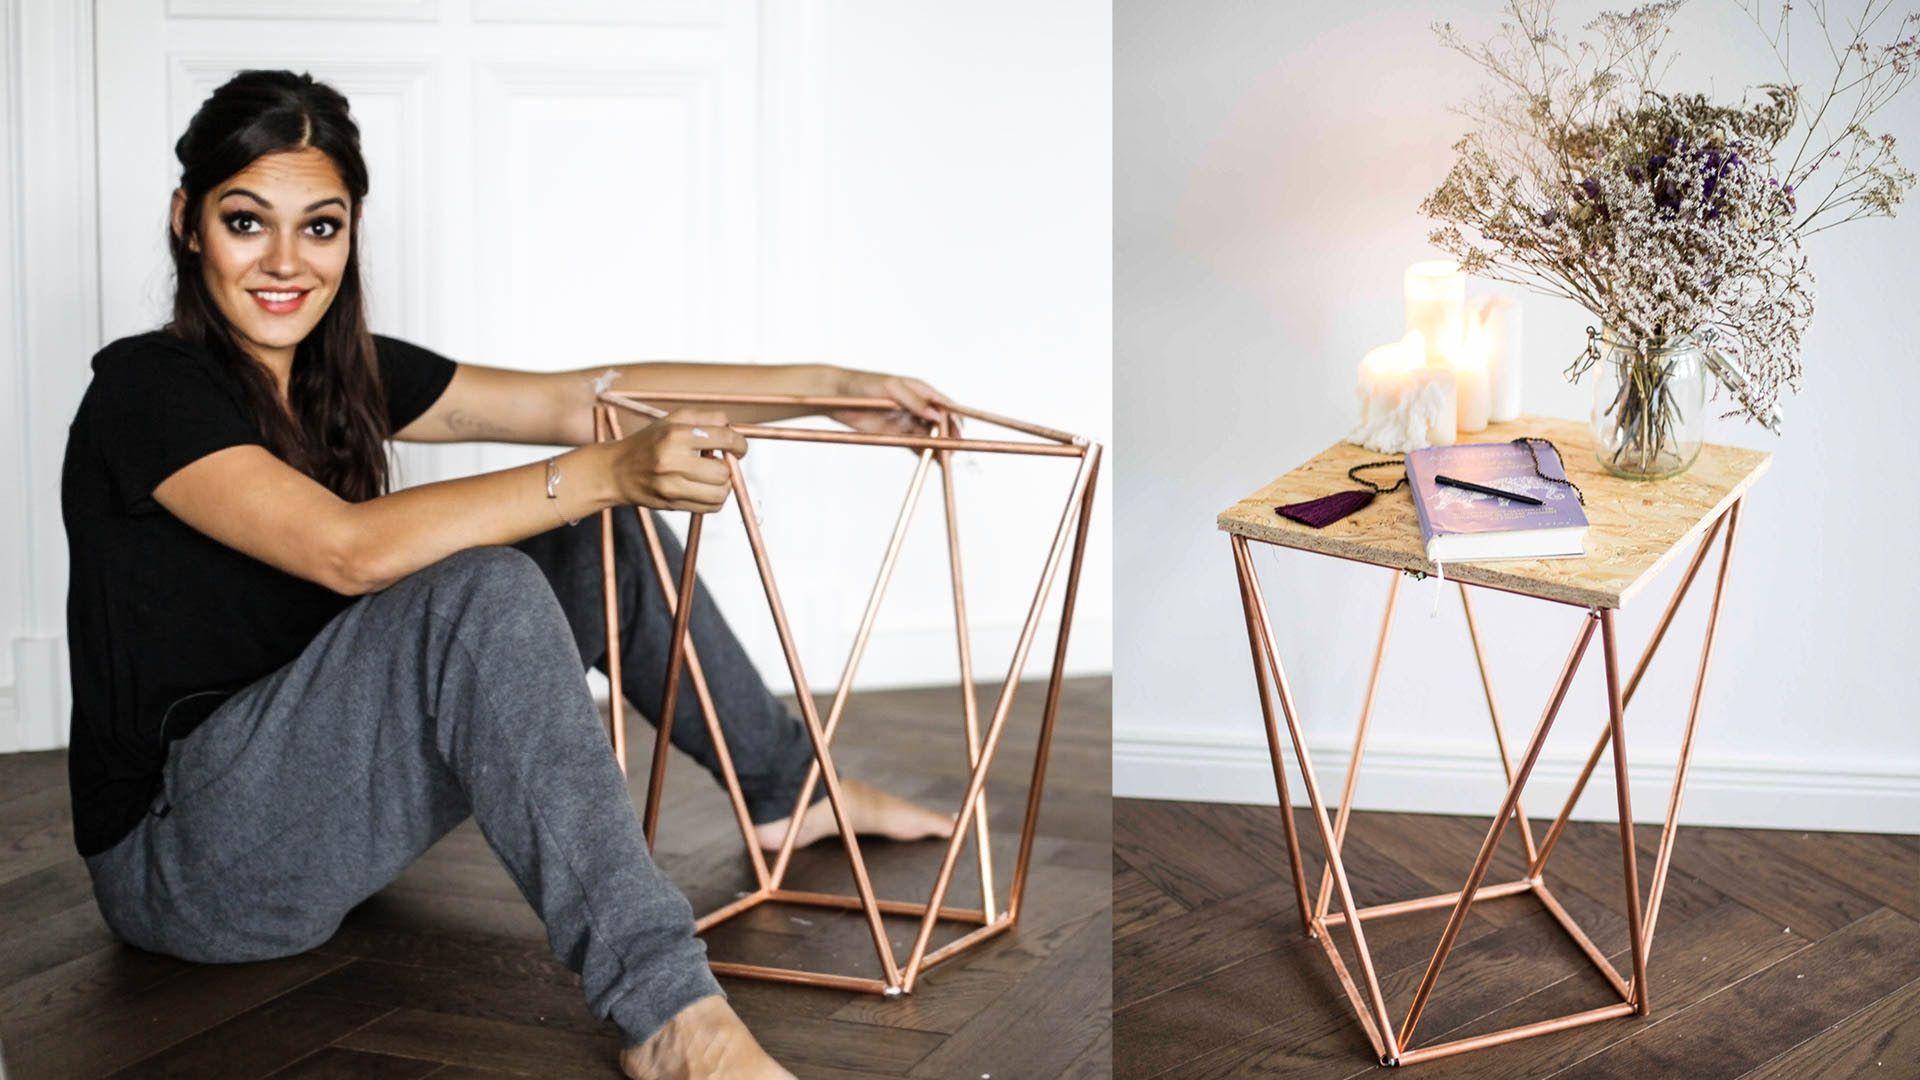 Zeitschriften Beistelltisch aus Kupferrohren selber bauen